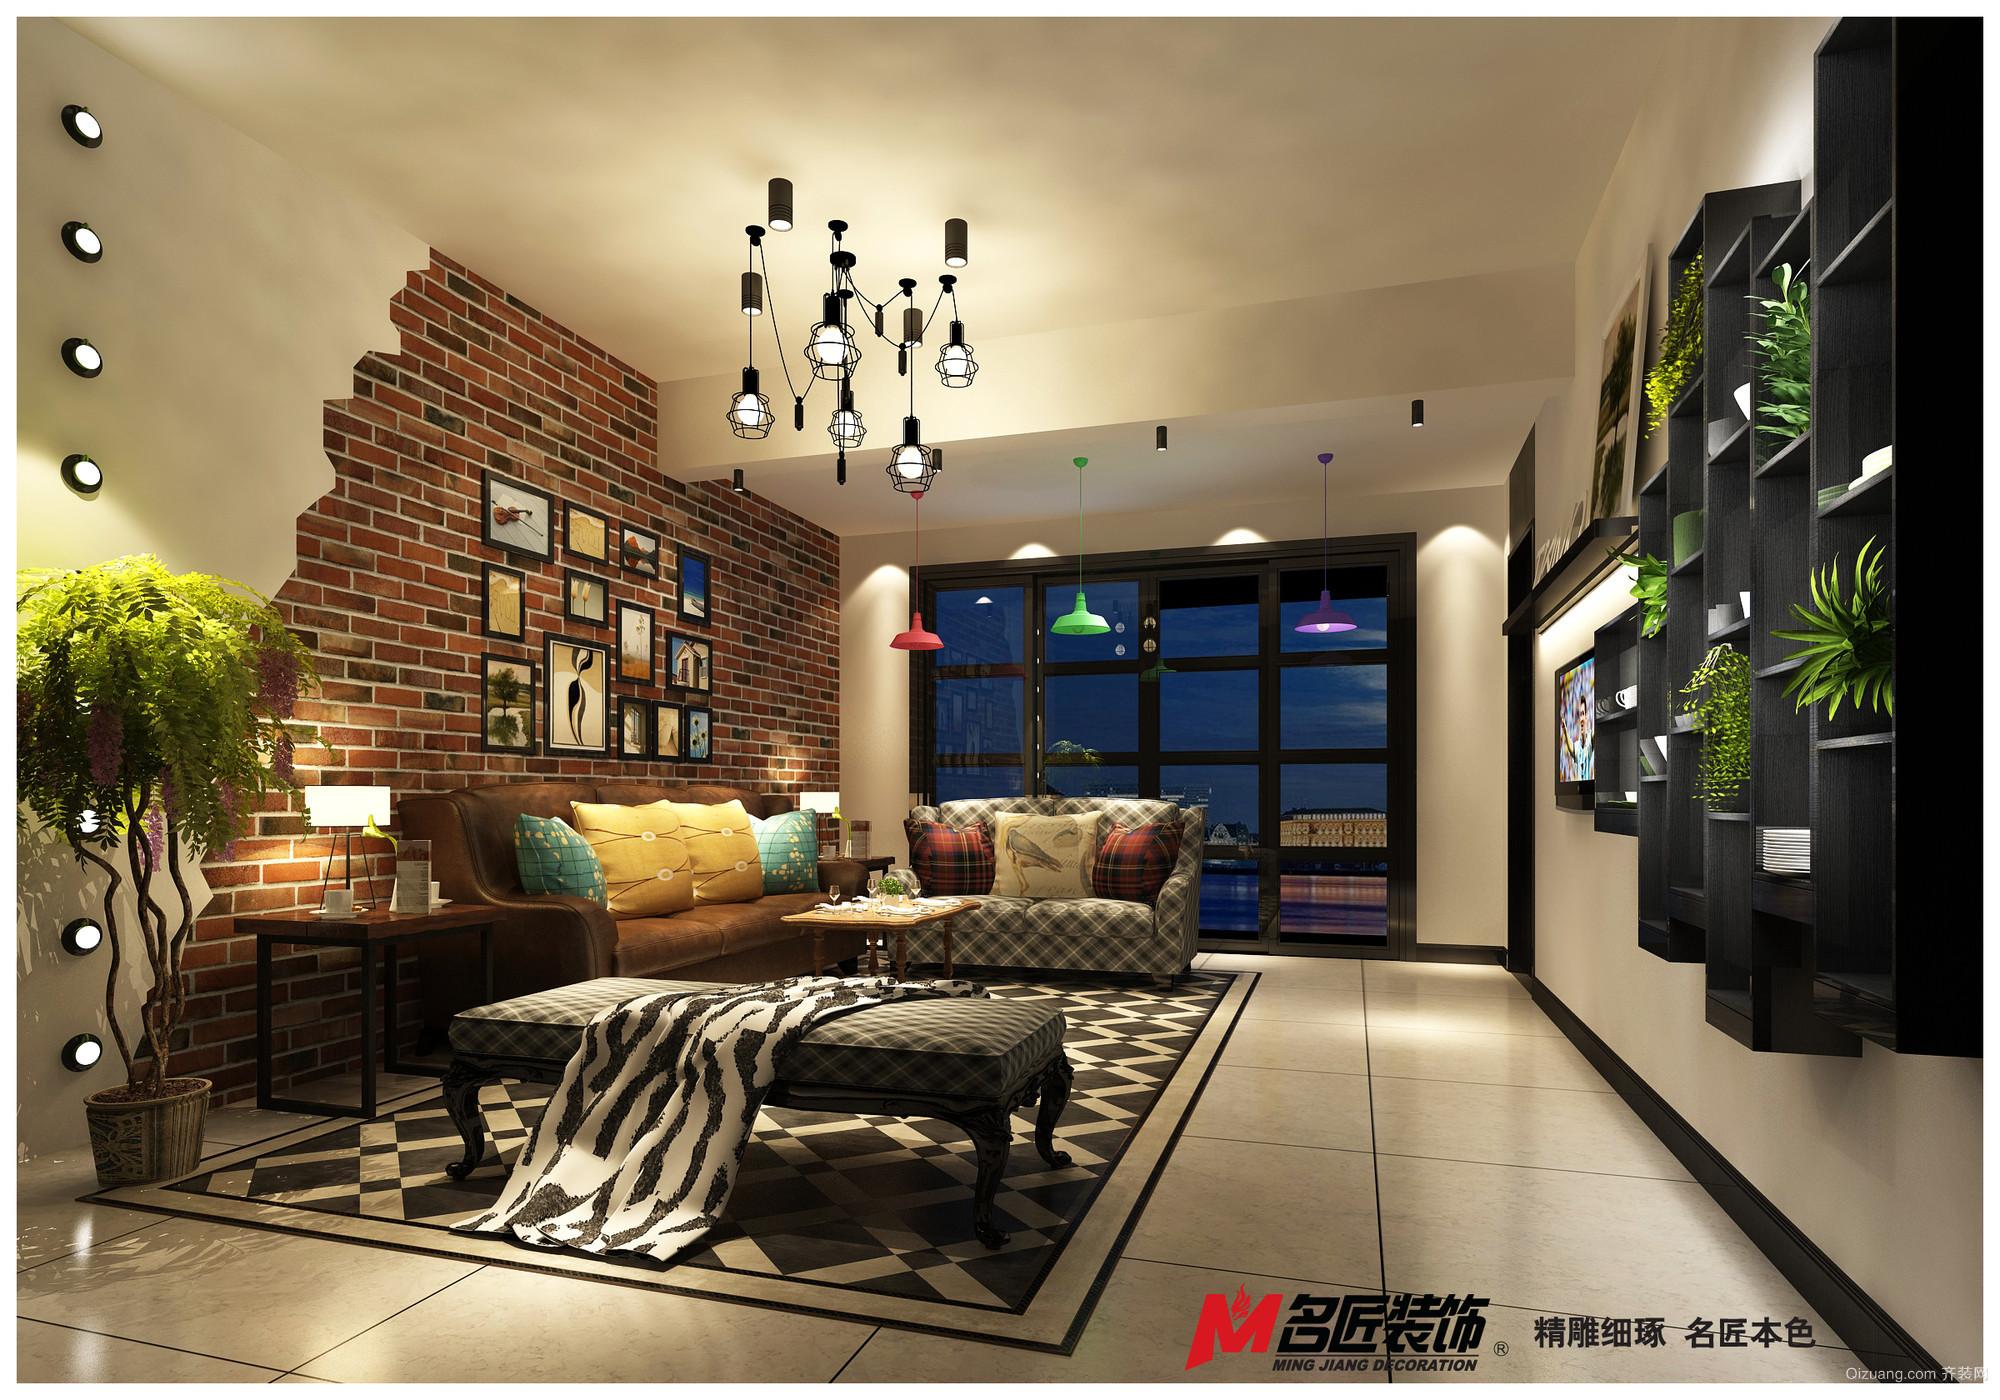 中海翠林现代简约装修效果图实景图